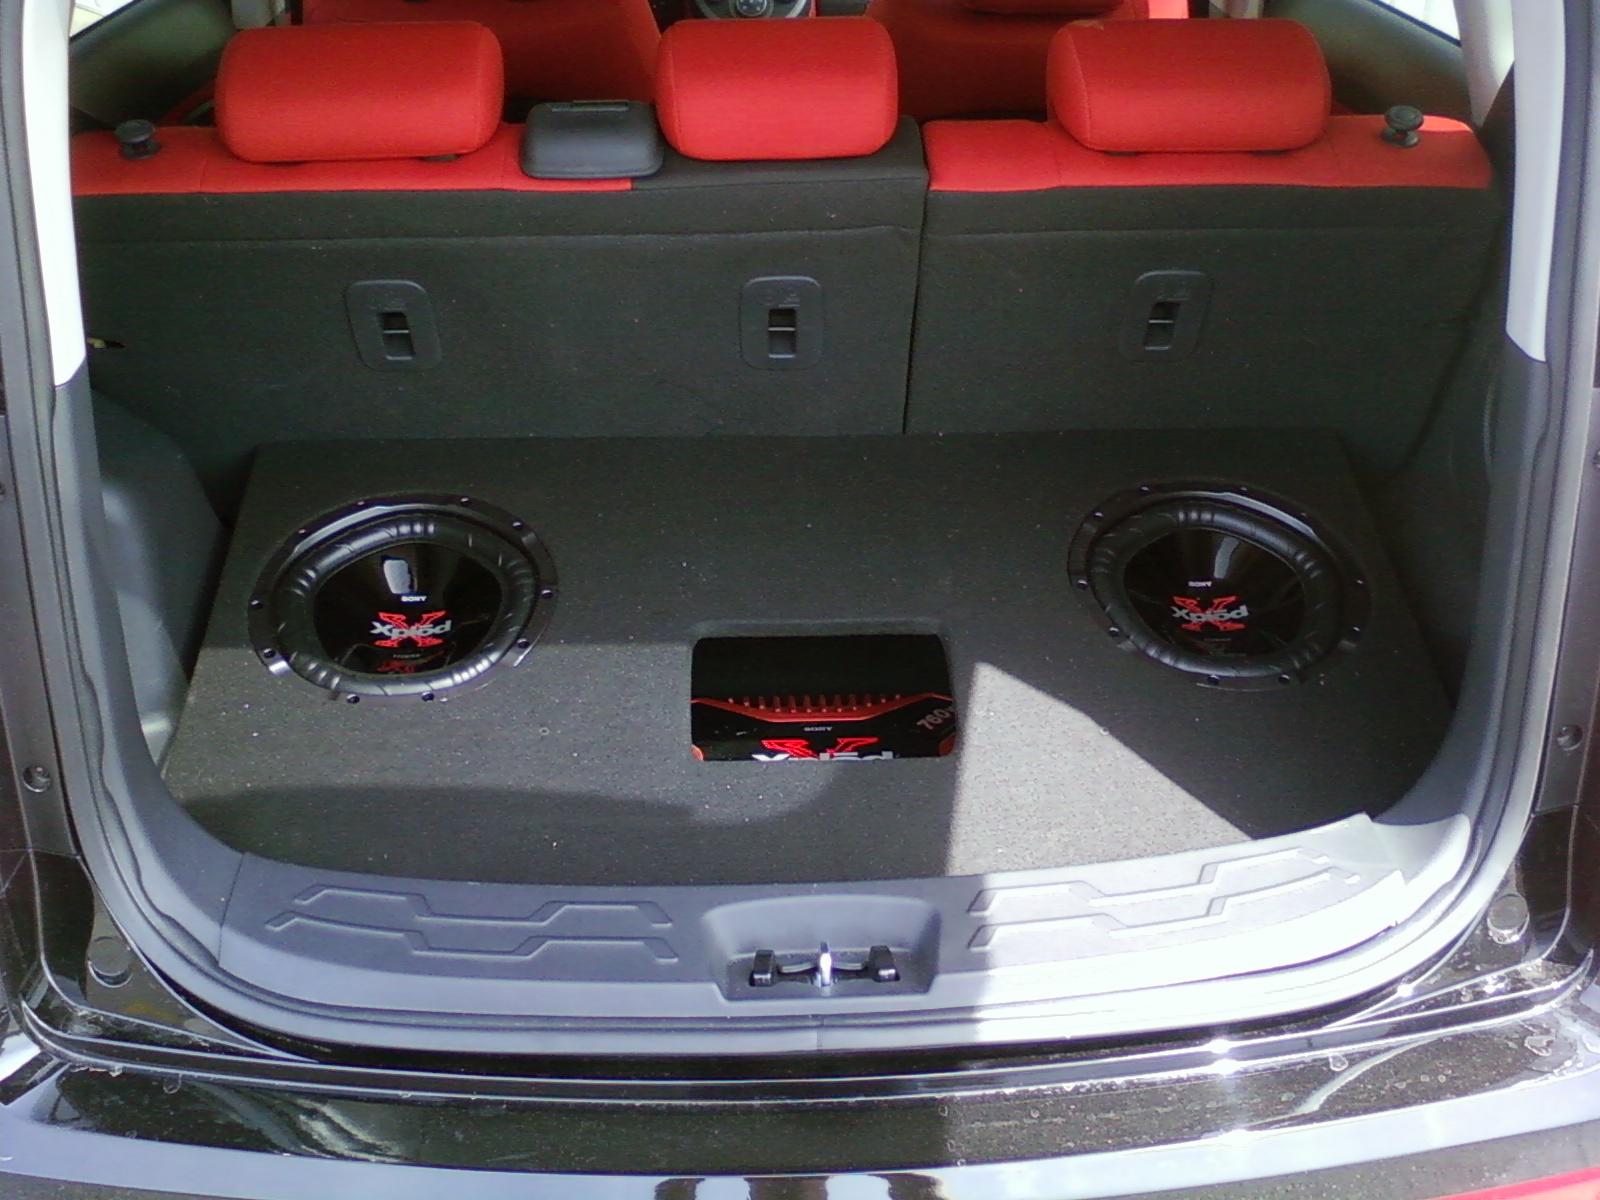 Kia Soul: Speakers Removal